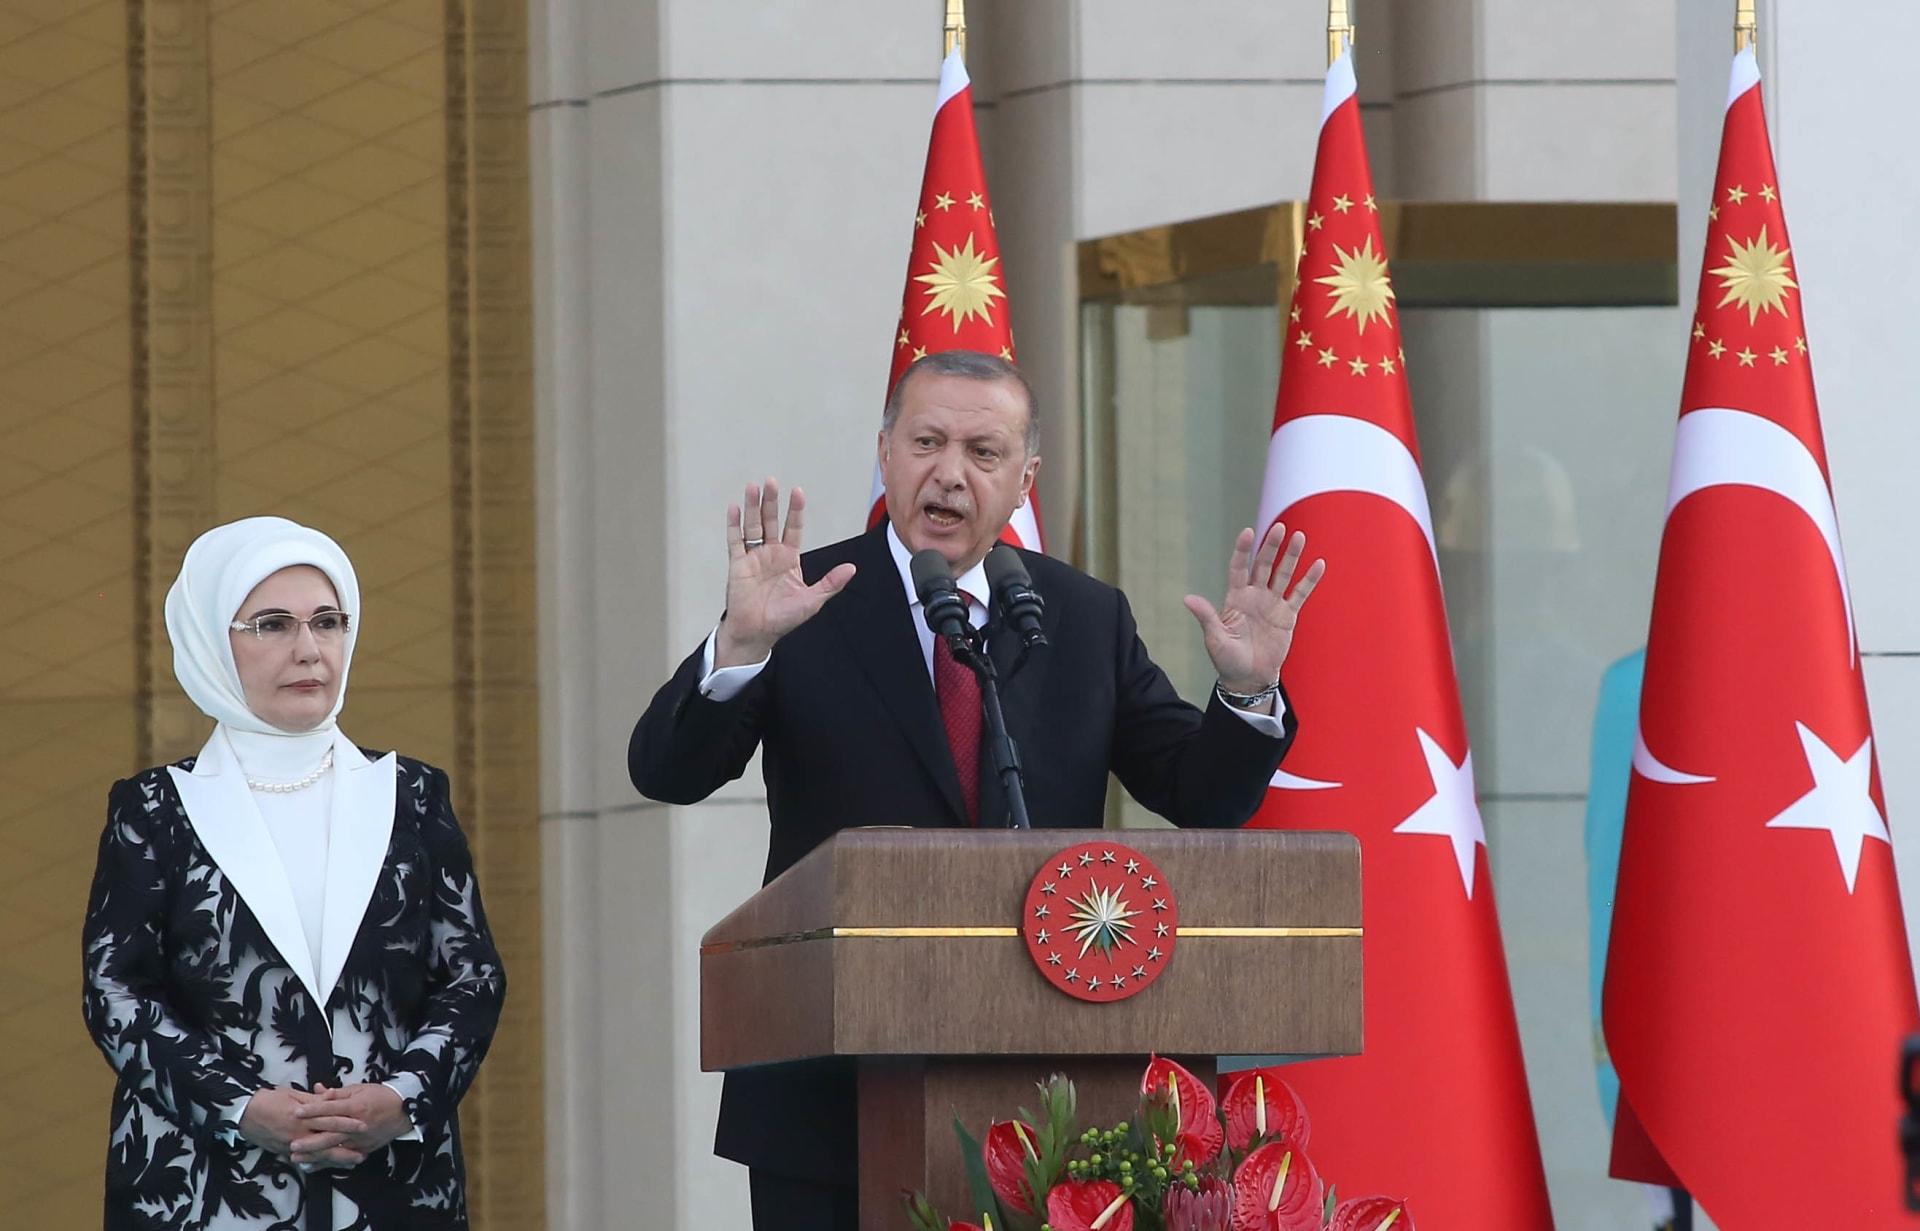 أردوغان يرد على زعيم المعارضة: أنت متخلف.. لو كنت سياسيا لما تحدثت عن زوجتي